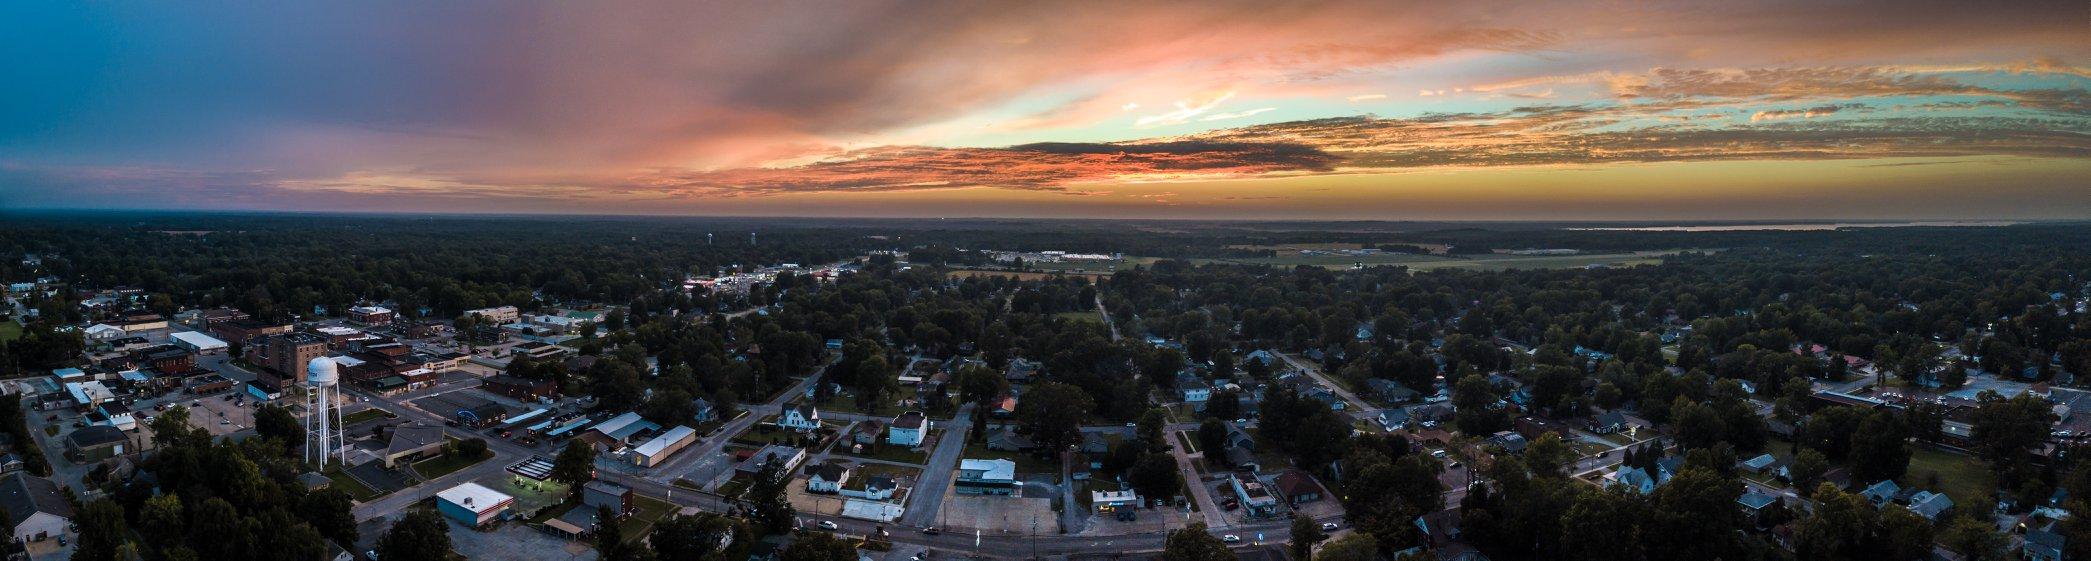 Benton at Sunset